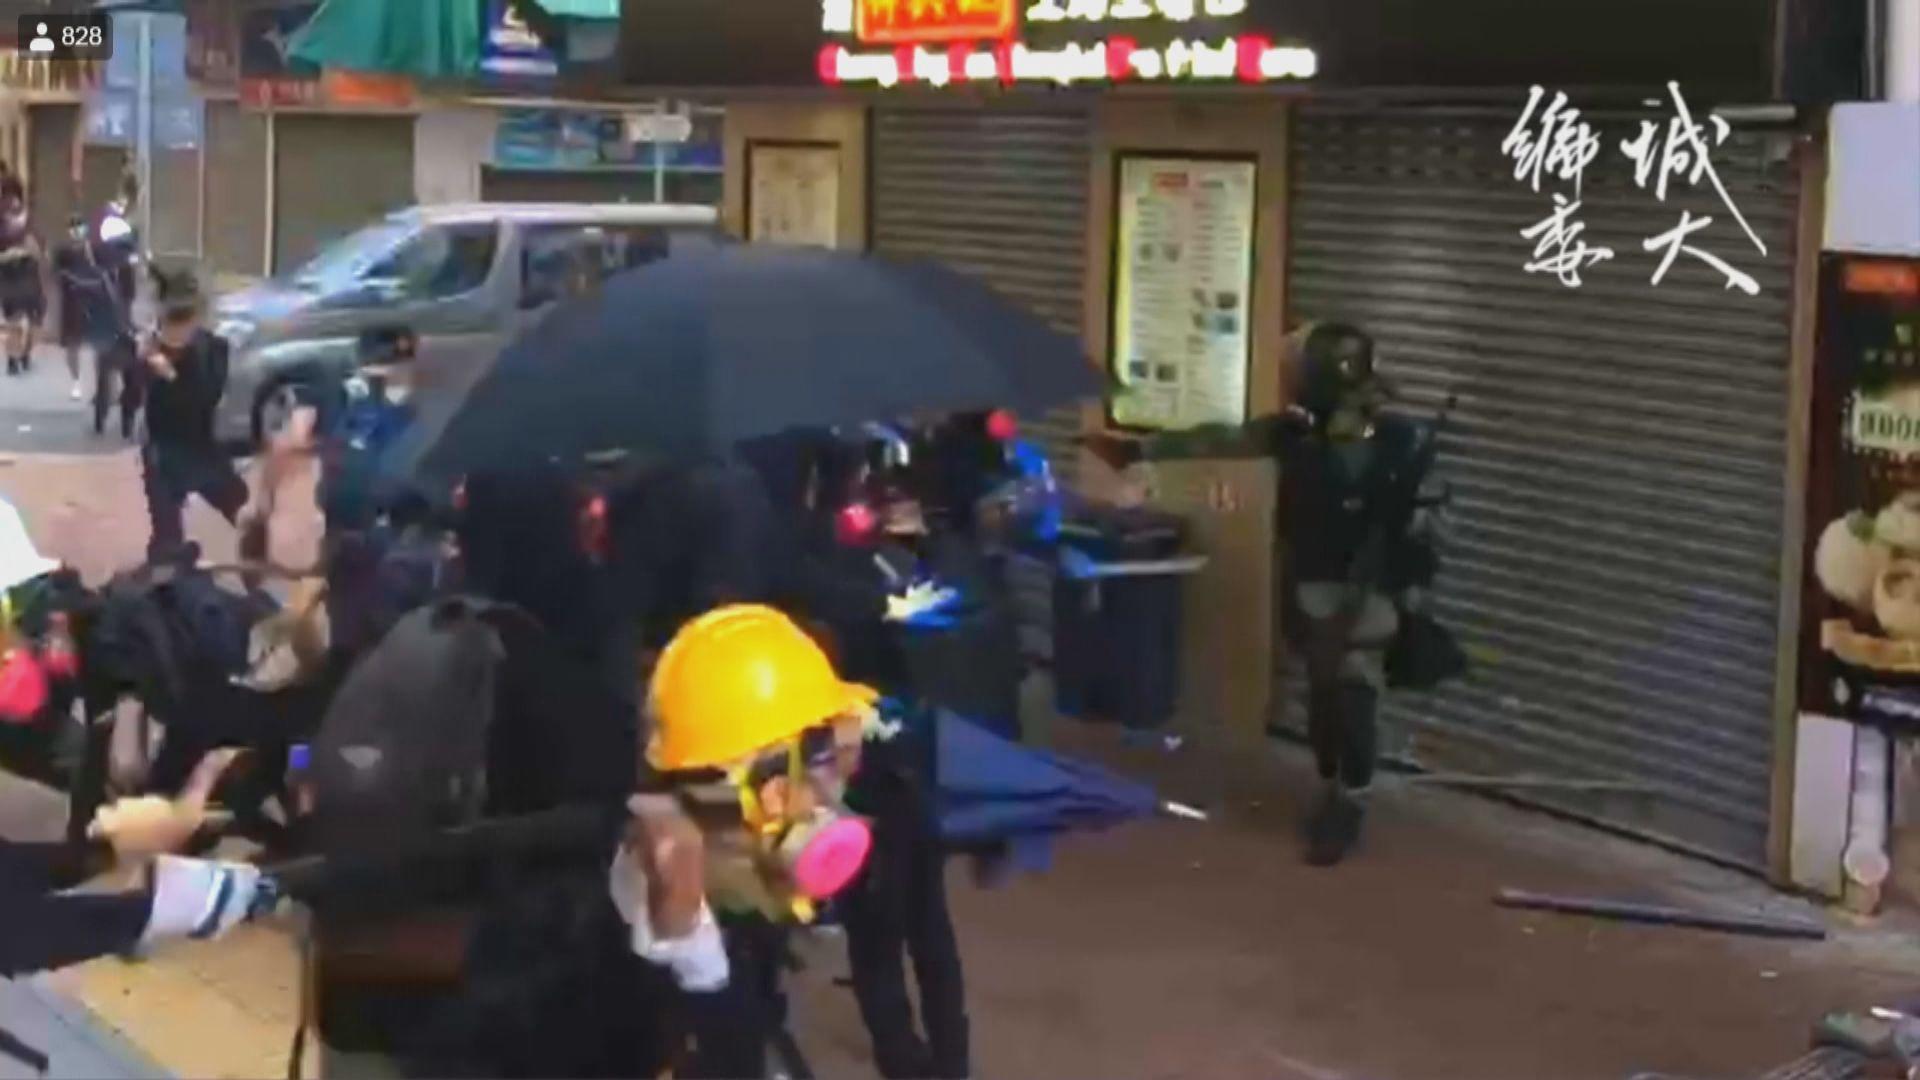 警方消息證實荃灣有警員曾開實彈擊中示威者